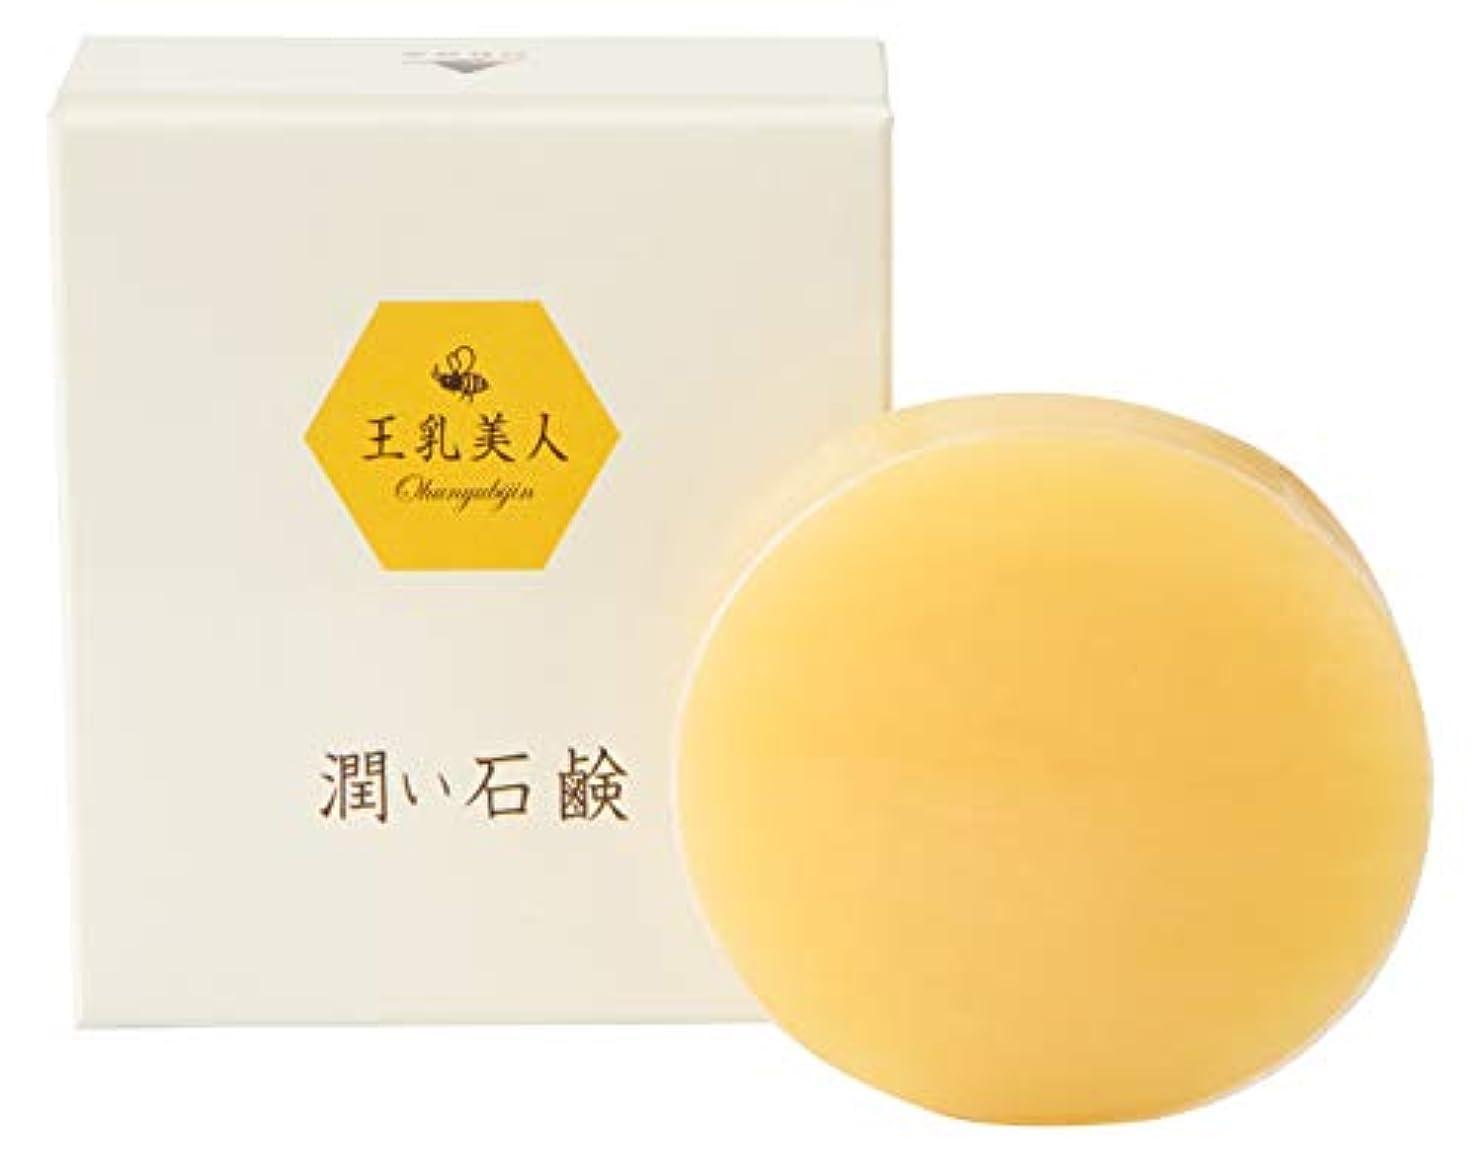 それにもかかわらず悪化する一般的に王乳美人 潤い石鹸 100g 熊本産の馬油を使用